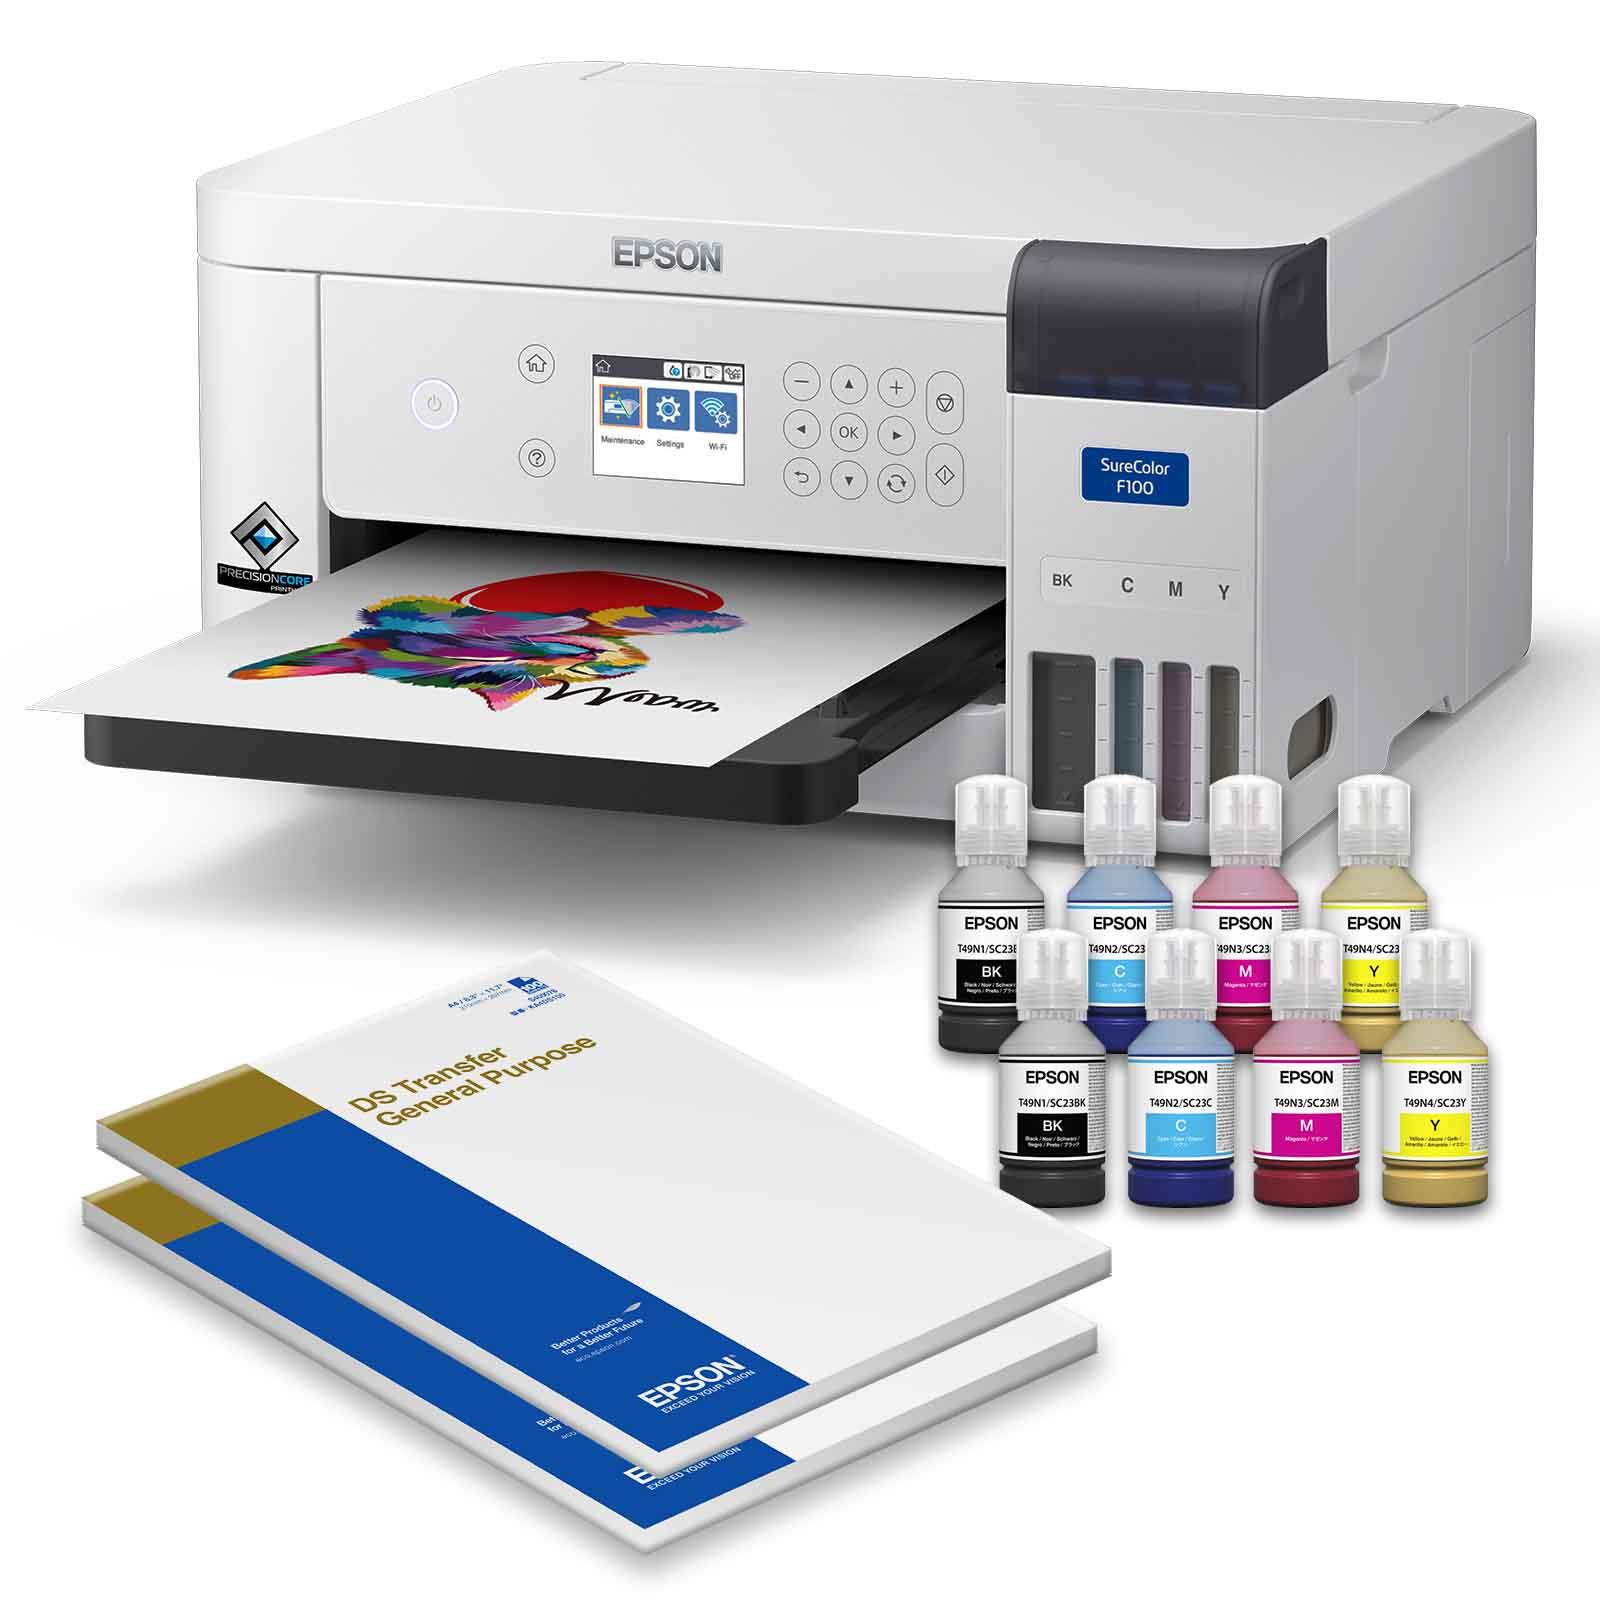 Epson SureColor SC-F500 Einführungs-Set Inhalt - Epson Surecolor SC-F100 140ml Tinte und DS-Transfer-Vielzweckpapier DIN-A4